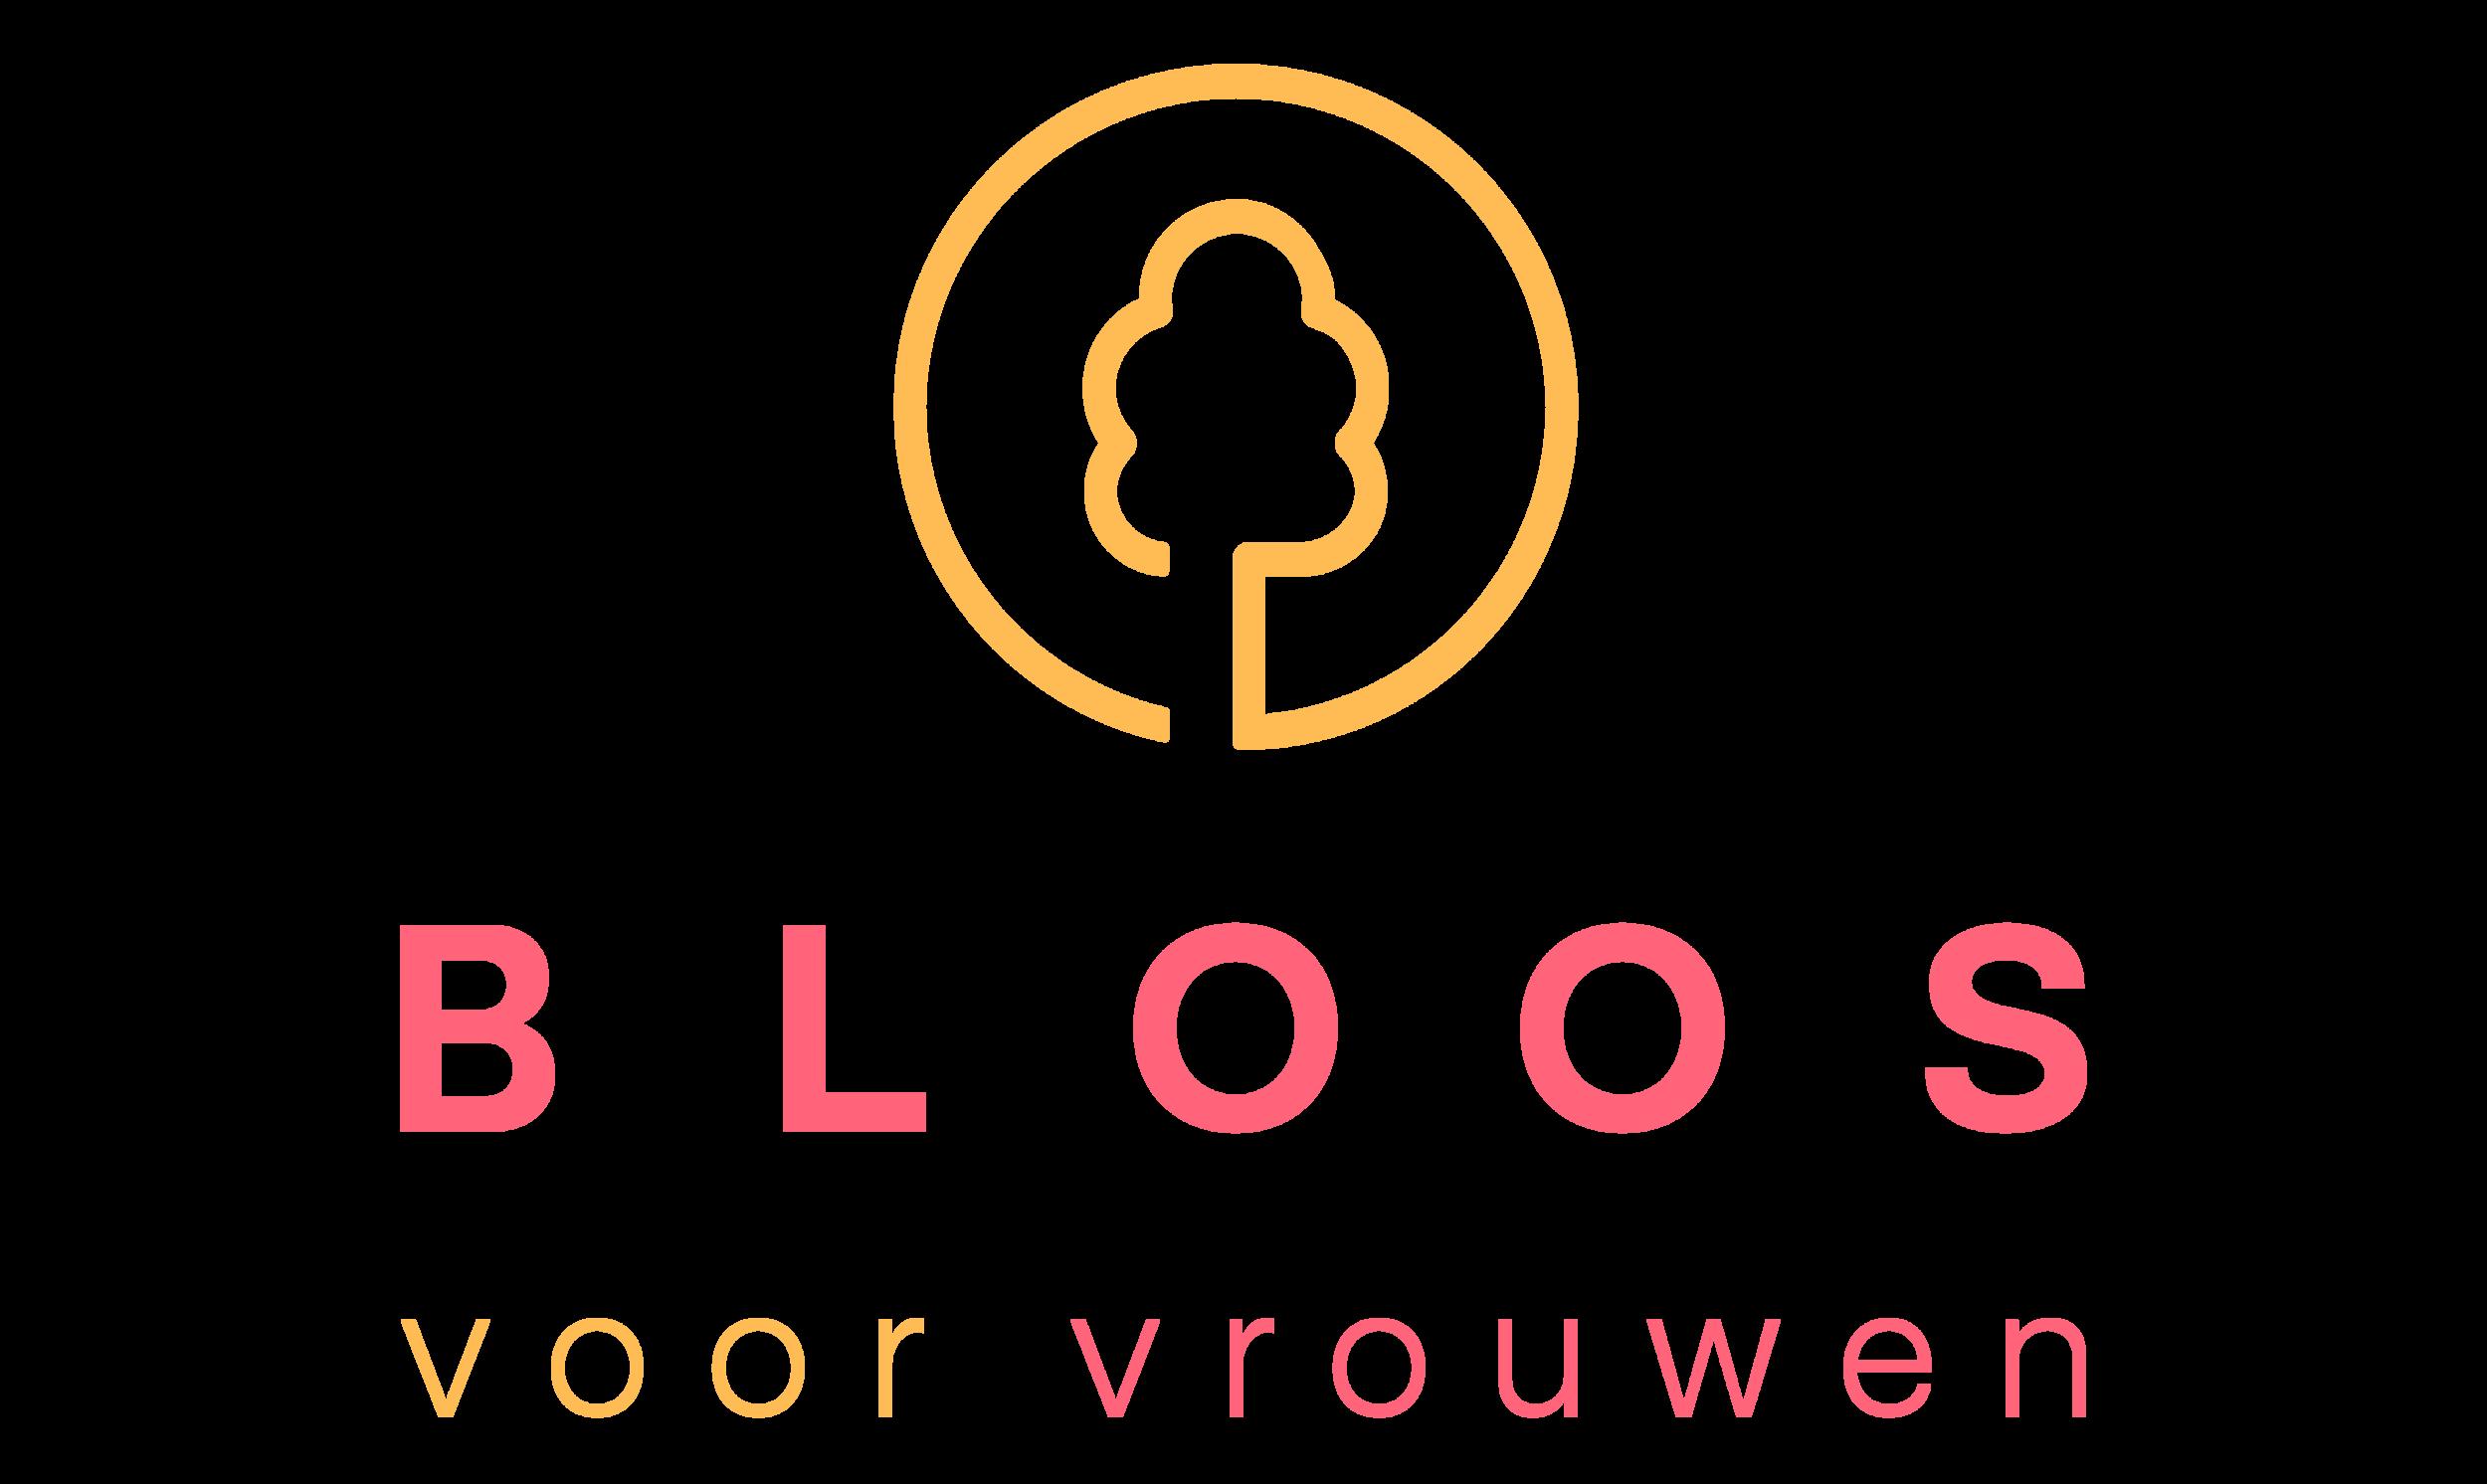 logo_bloos_Tekengebied 1.png